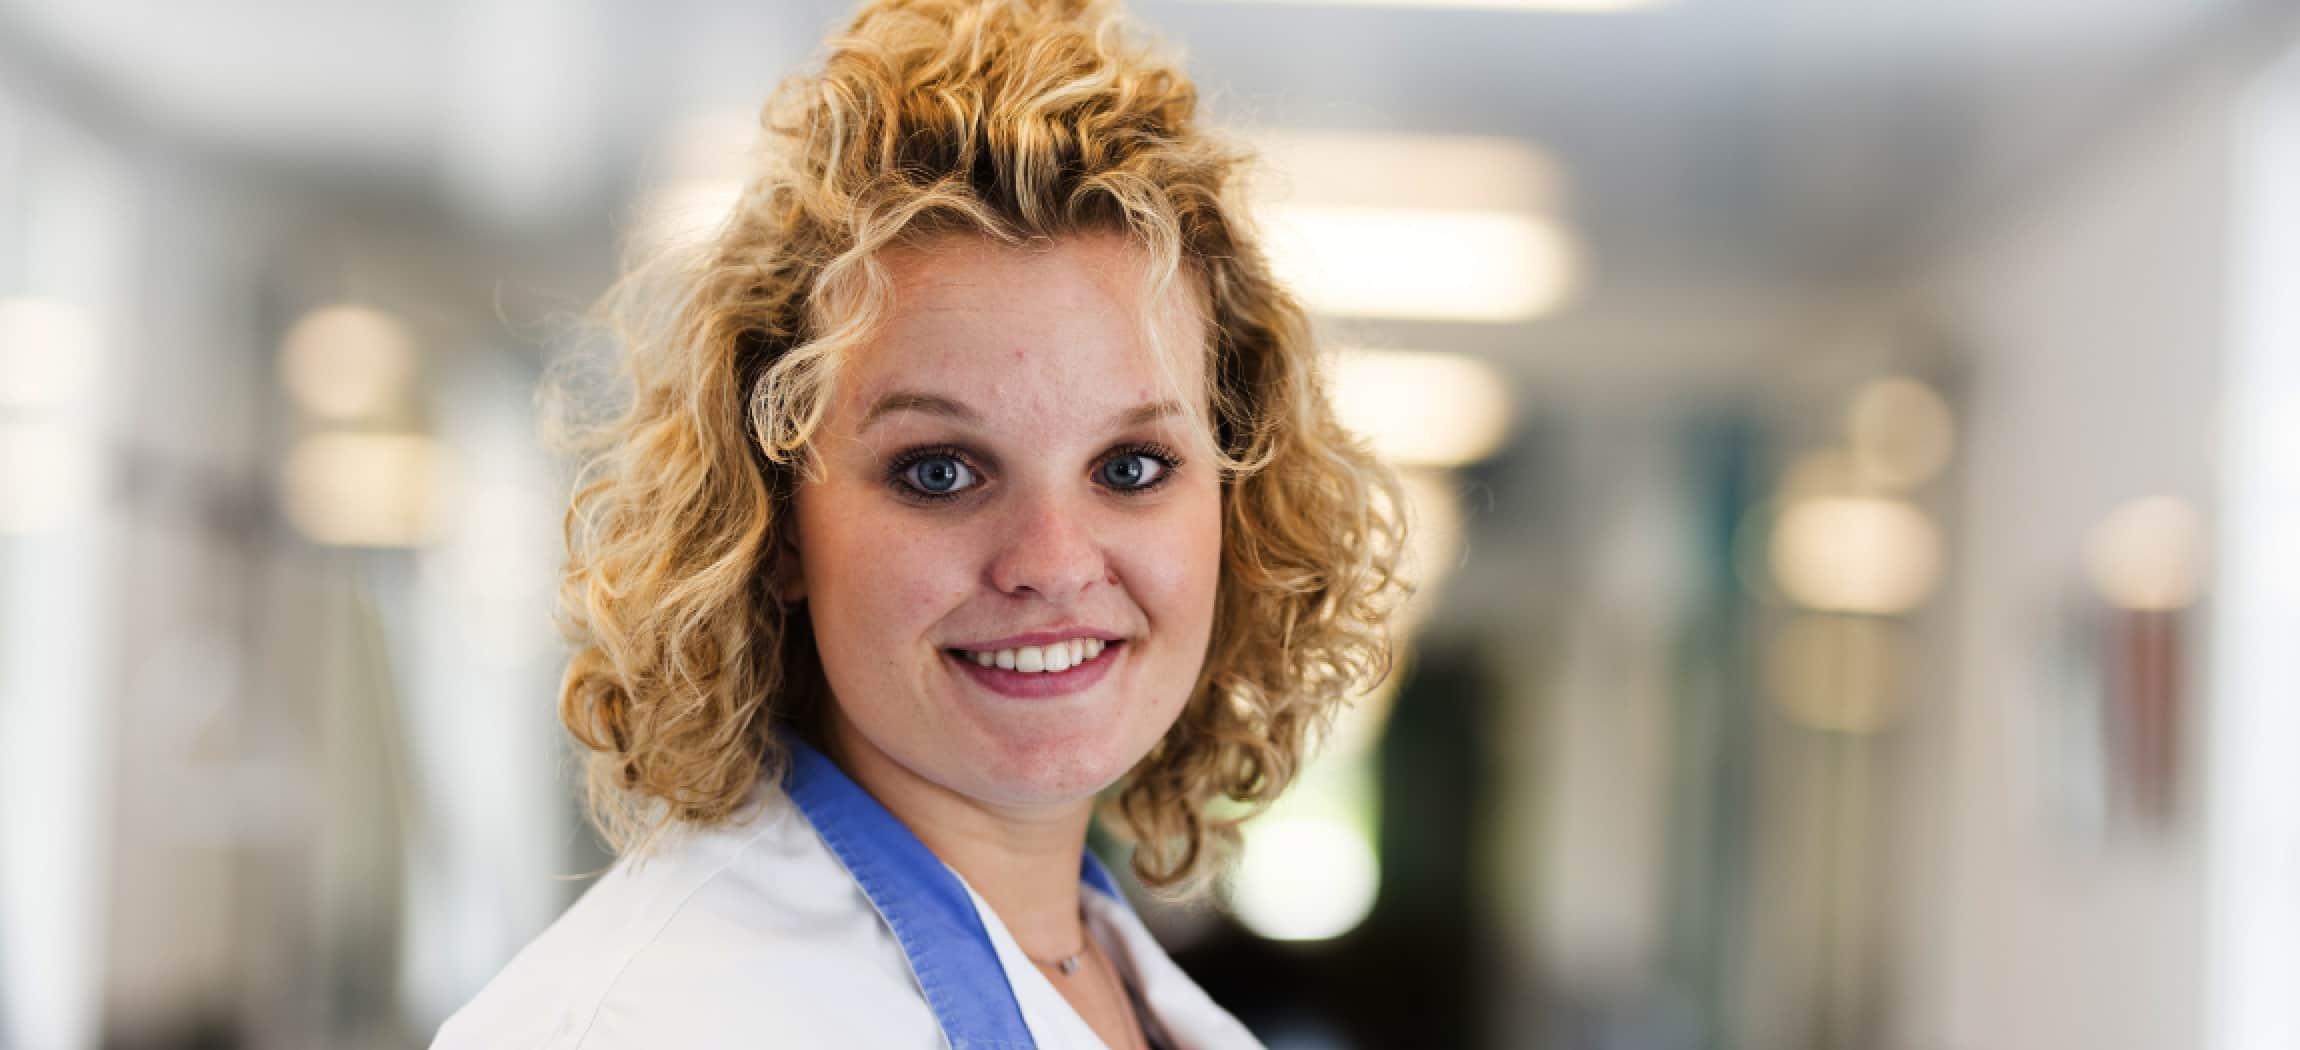 Eefje Bode, verpleegkundige op de Transferafdeling